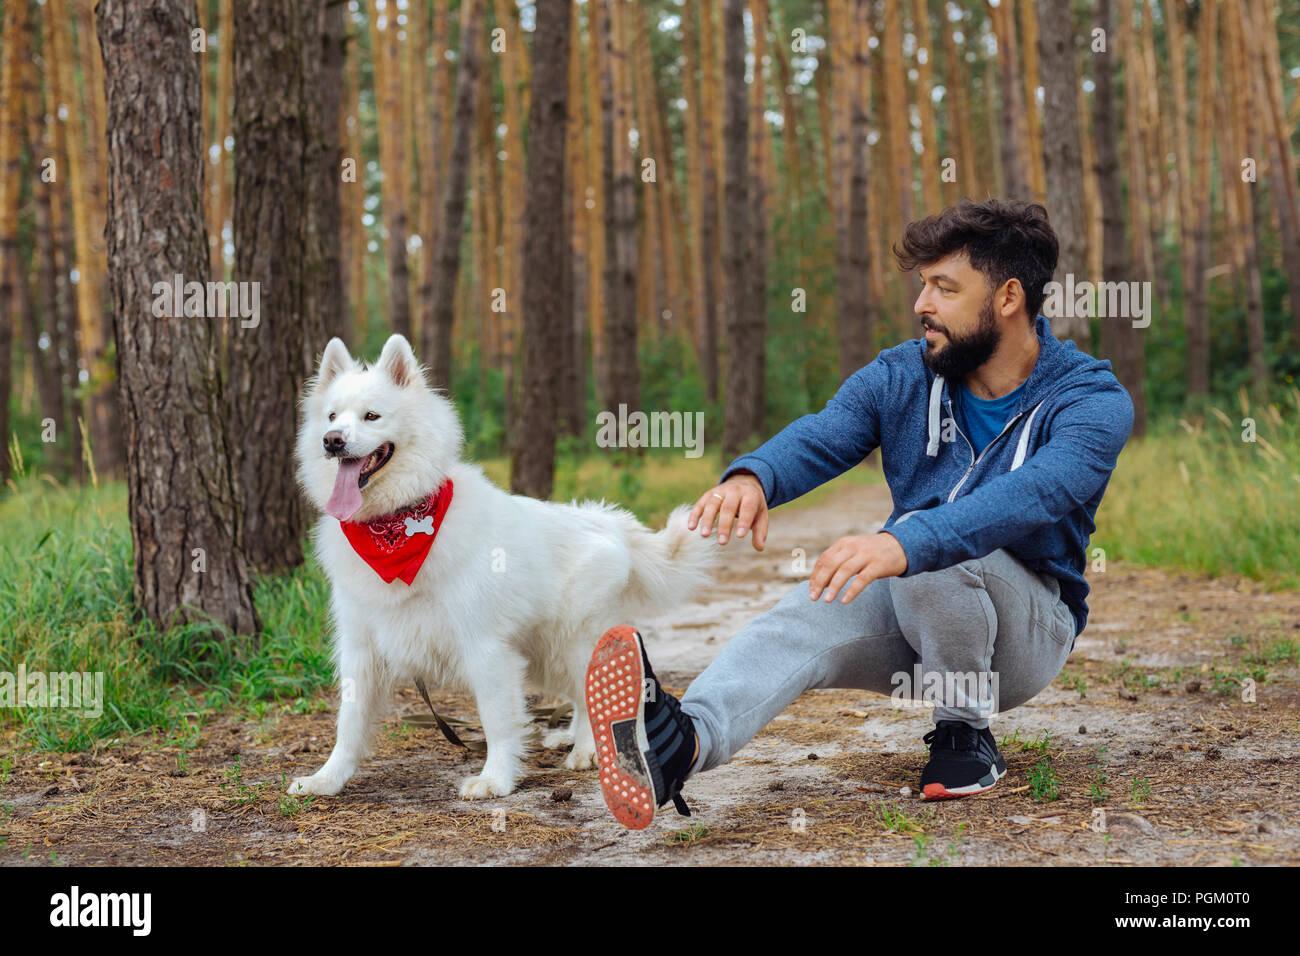 White fluffy dog standing near his owner doing sport - Stock Image